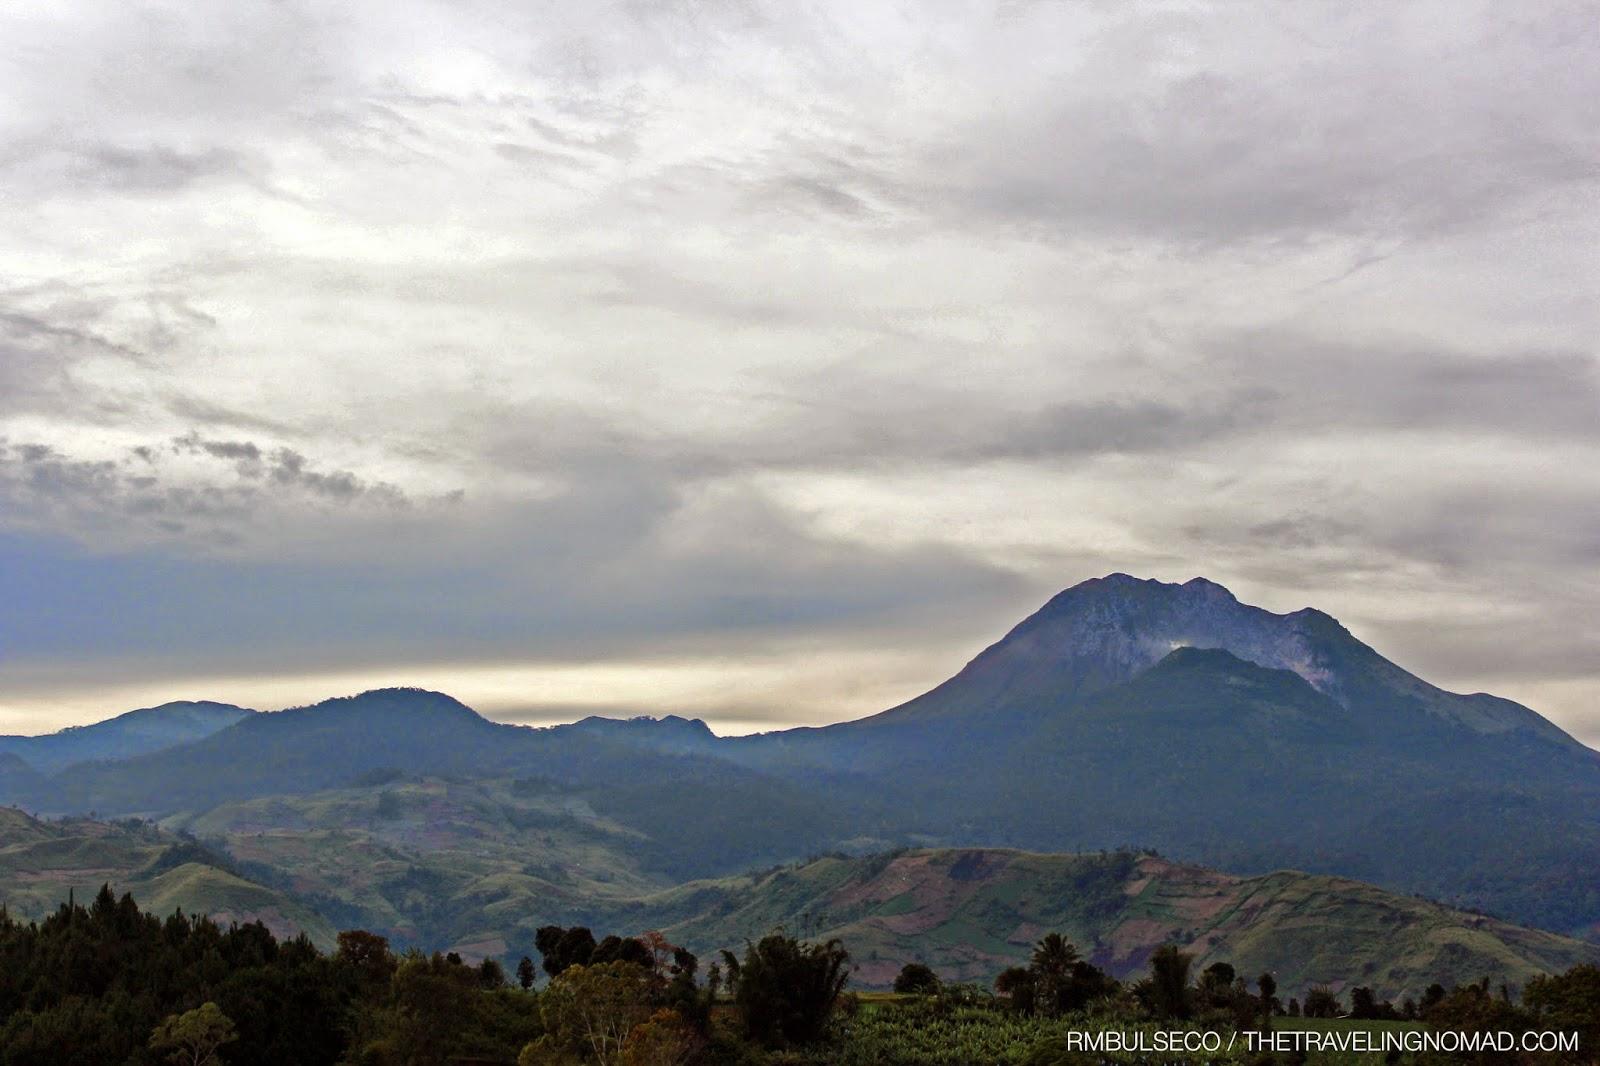 Mount Apo RM Bulseco